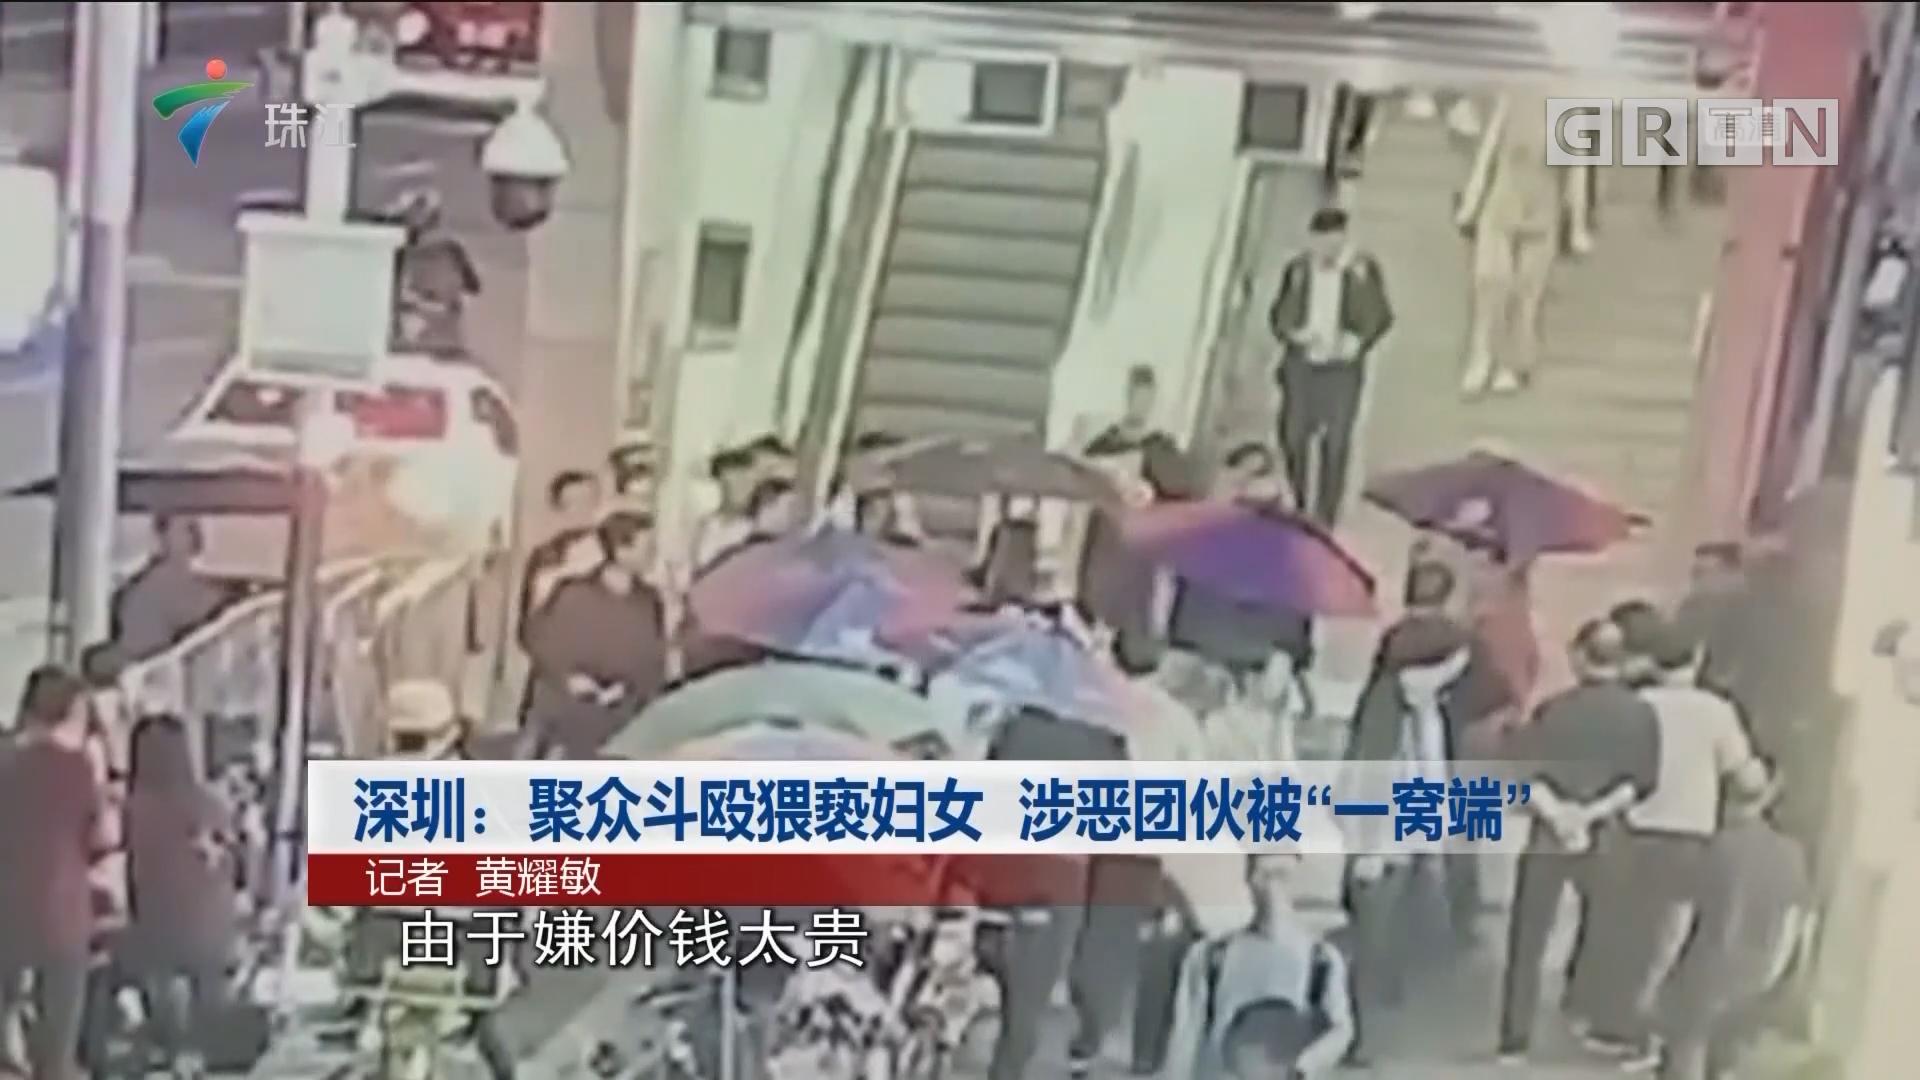 """深圳:聚众斗殴猥亵妇女 渉恶团伙被""""一窝端"""""""